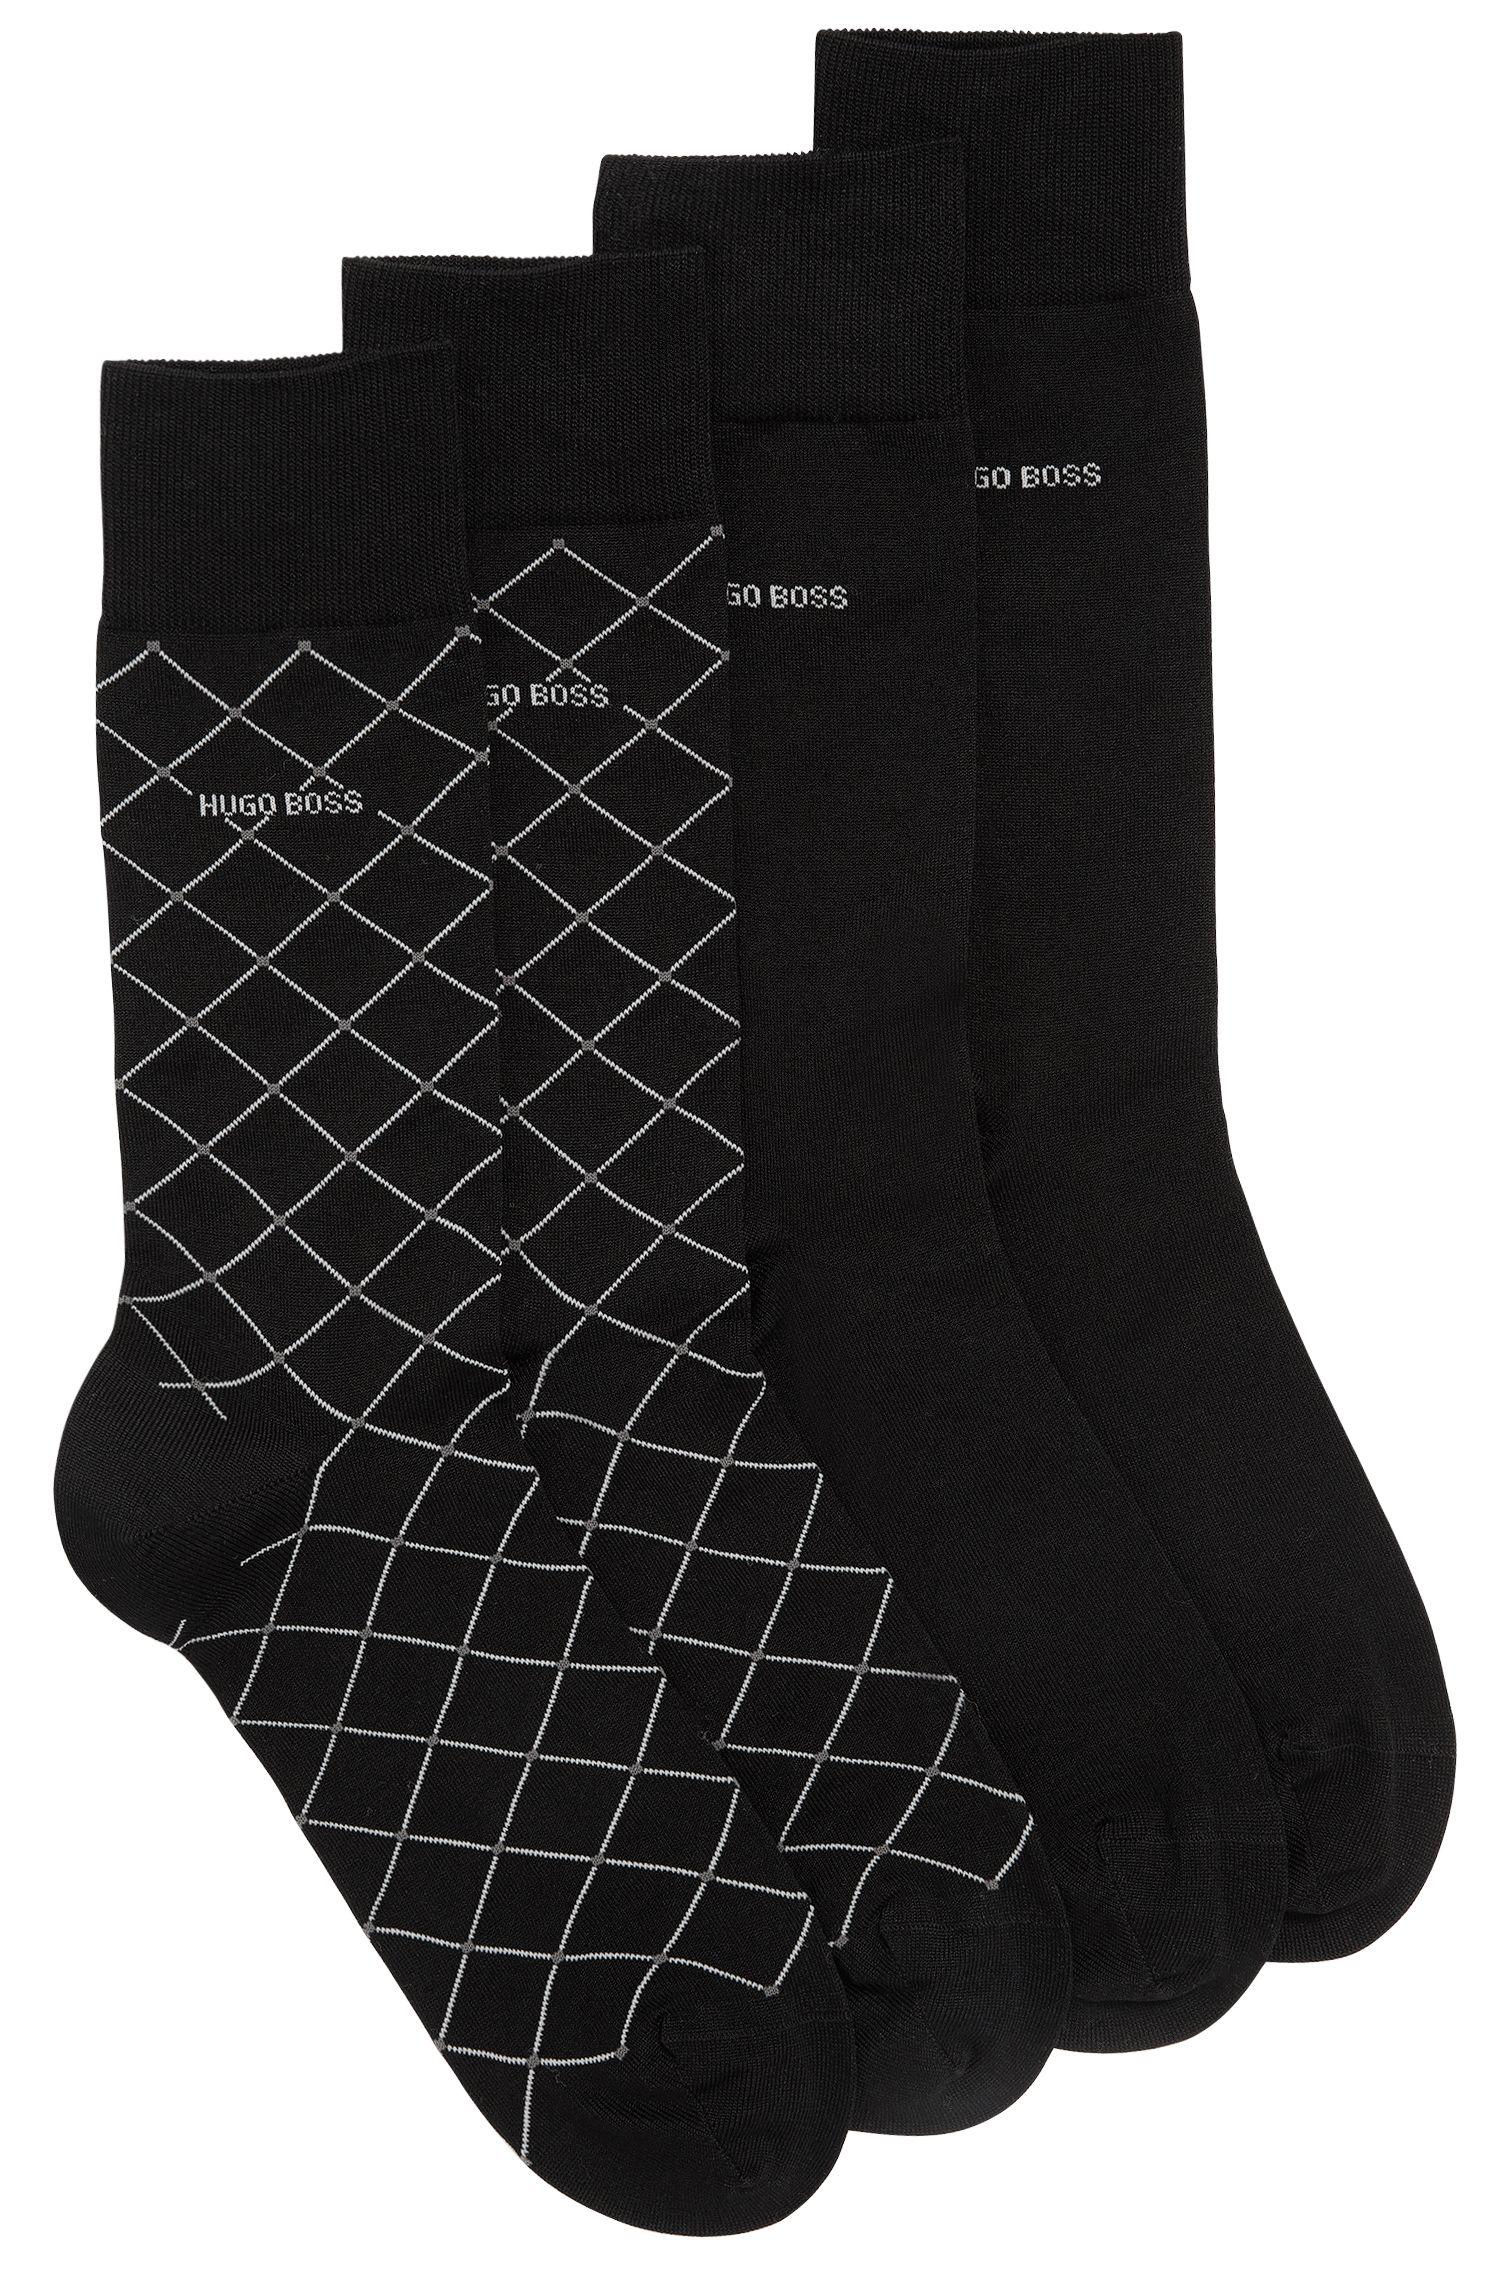 Socken aus merzerisiertem Baumwoll-Mix im Doppelpack